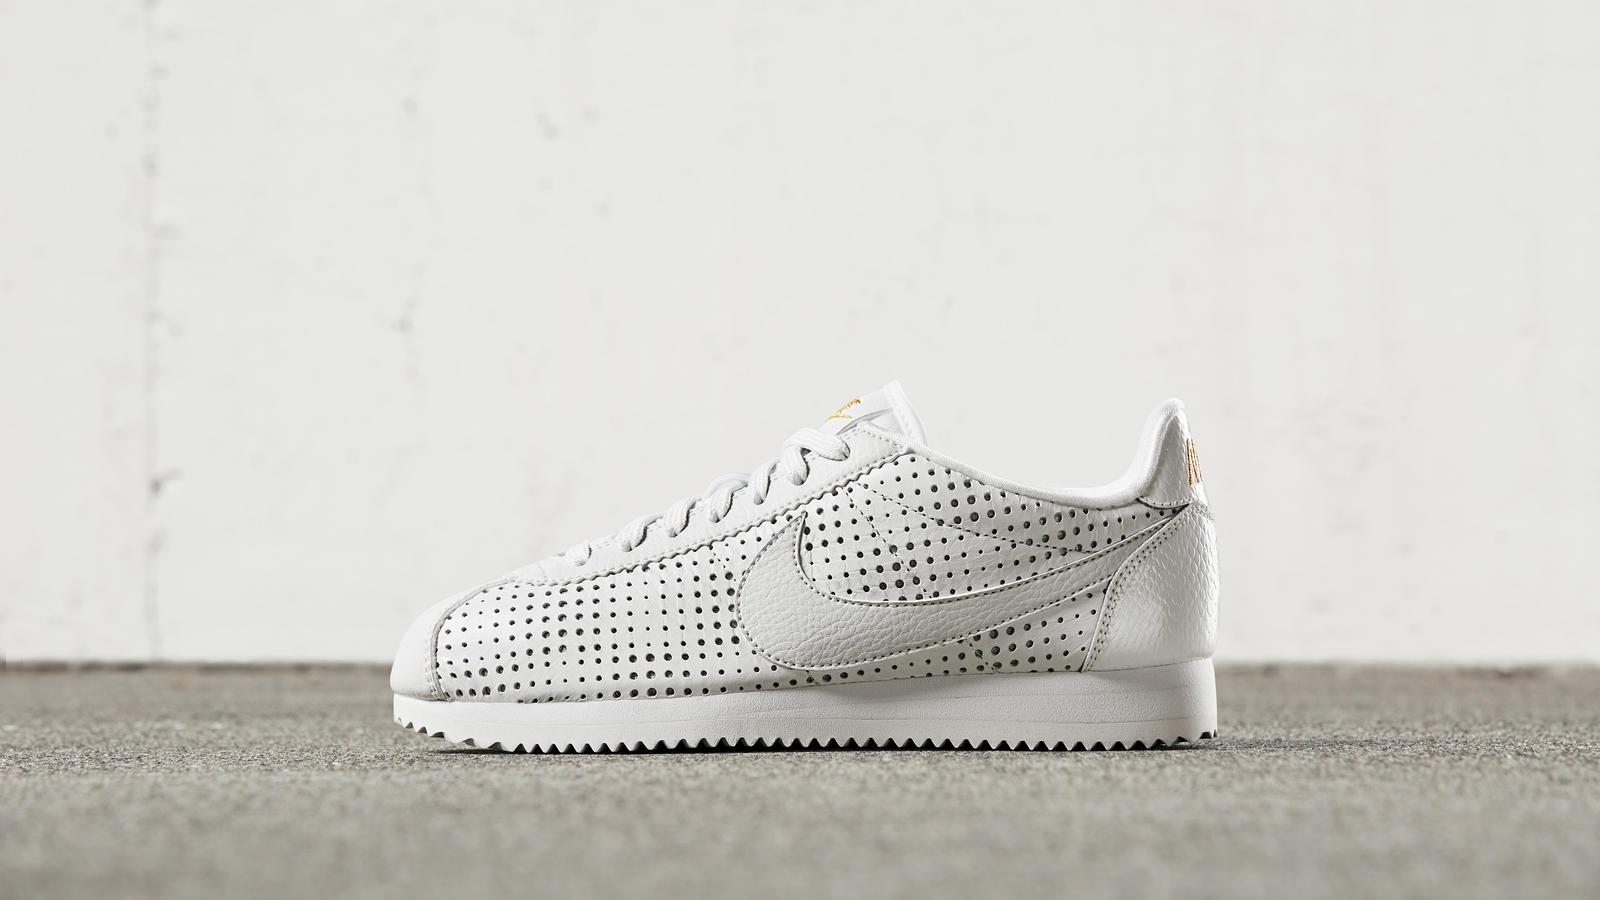 Cortez Nike Powerful Classic News Beautiful X by7f6Yg